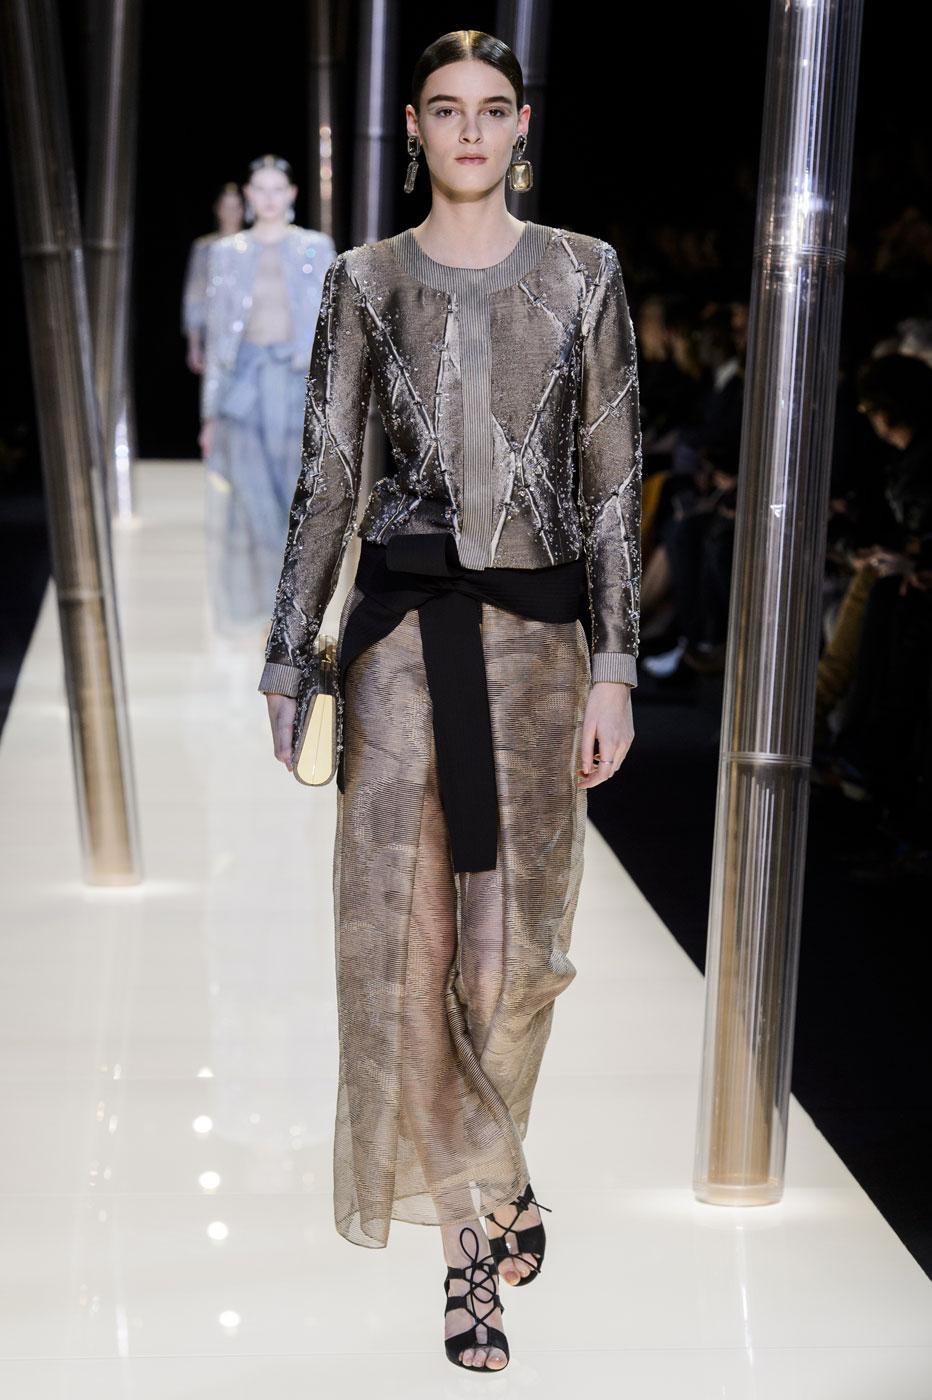 Giorgio-armani-Prive-fashion-runway-show-haute-couture-paris-spring-2015-the-impression-063